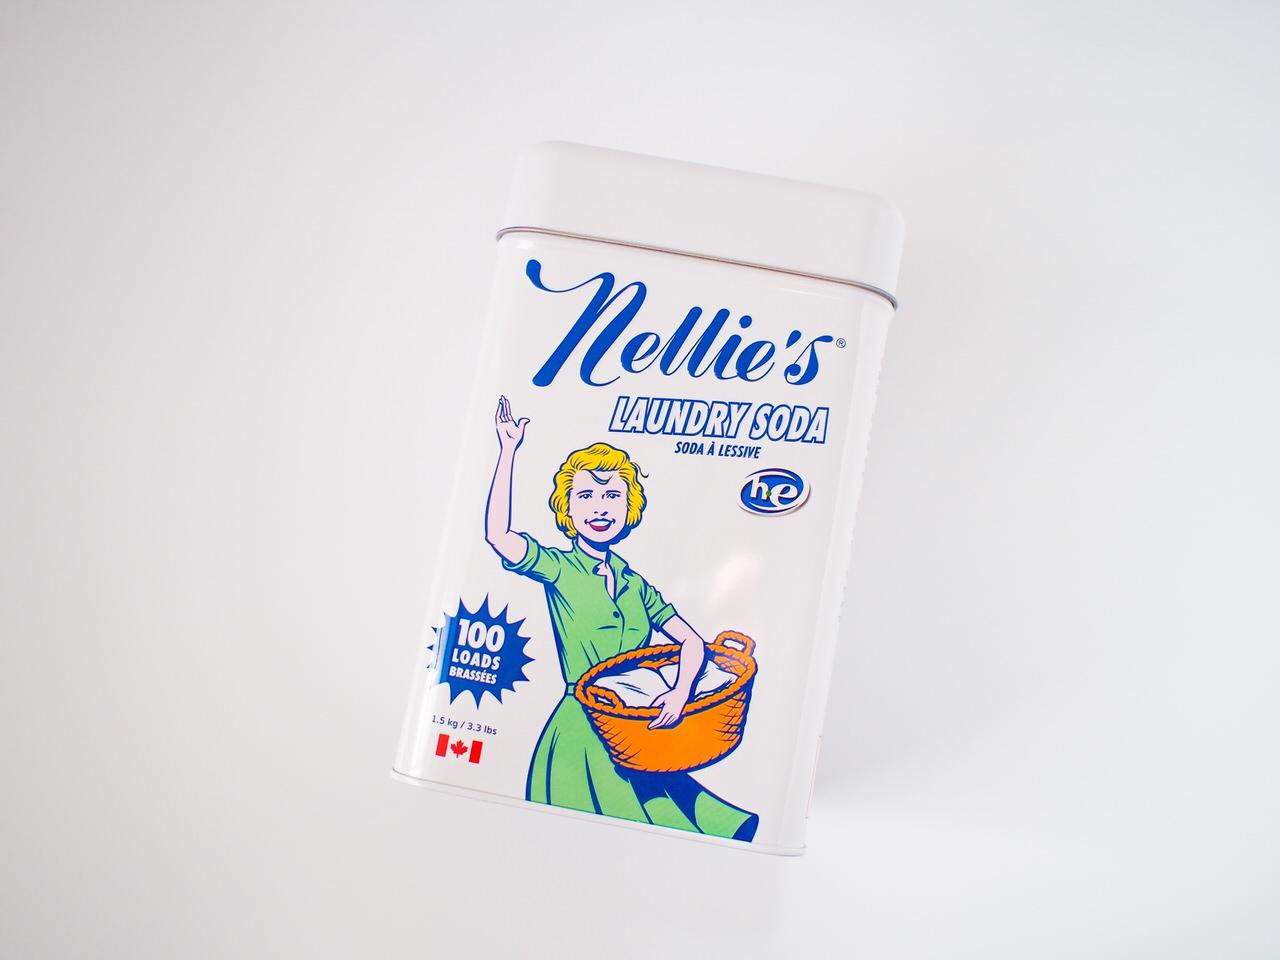 ネリーズランドリーソーダ洗濯洗剤は天然成分で肌に優しい【そして可愛い】